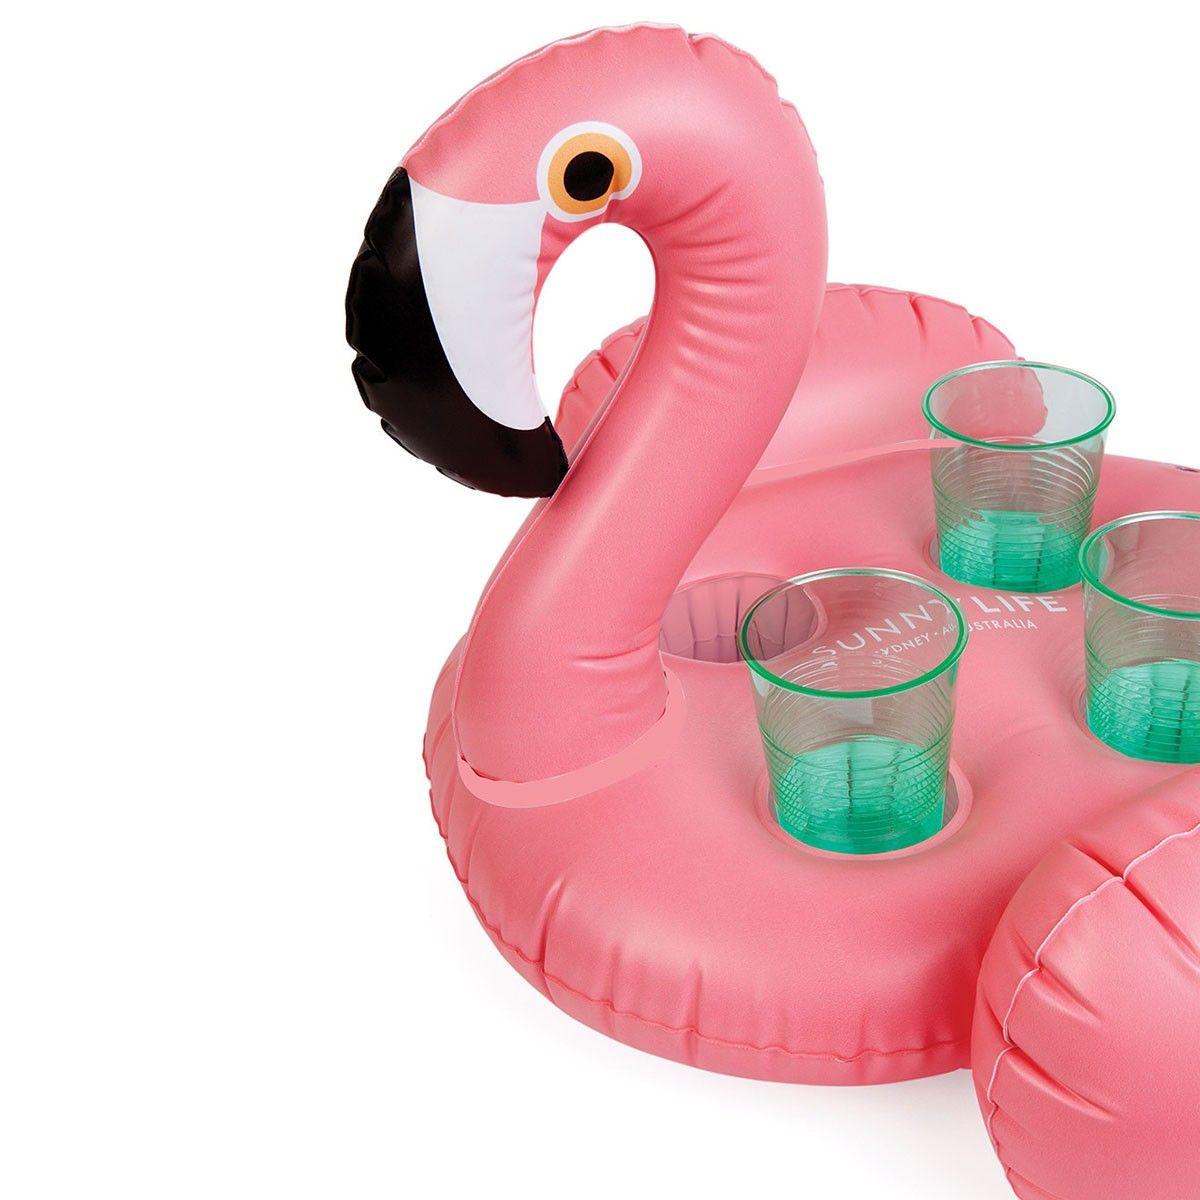 Porte verres gonflable flamingo vos boissons estivales pr f r es sont d sormais flottantes - Accessoire gonflable pour piscine ...